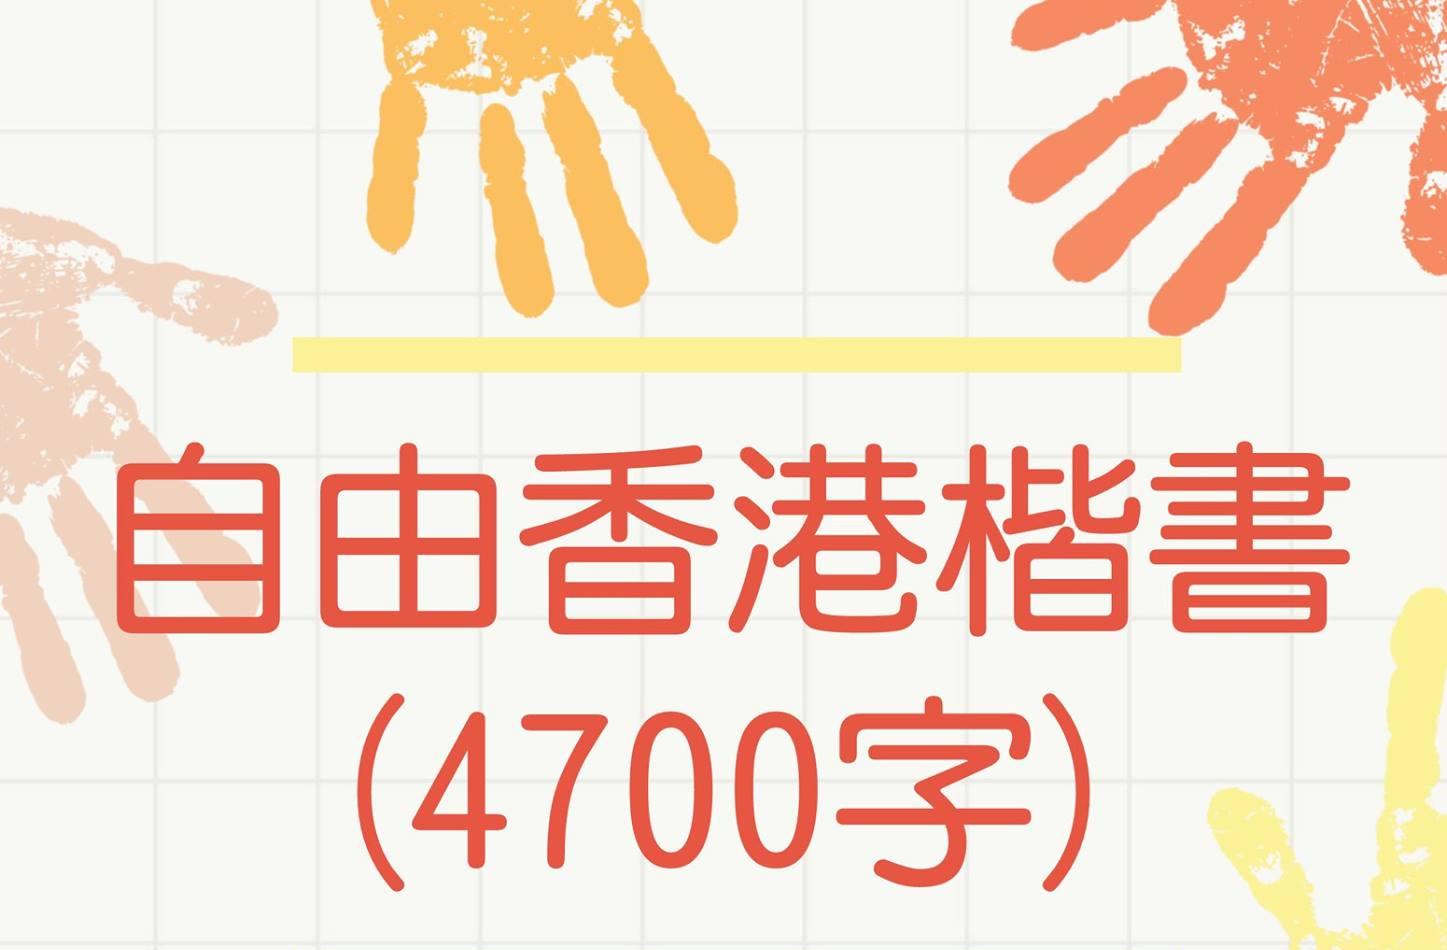 自由香港楷書 1.02 – 免費開源字型下載